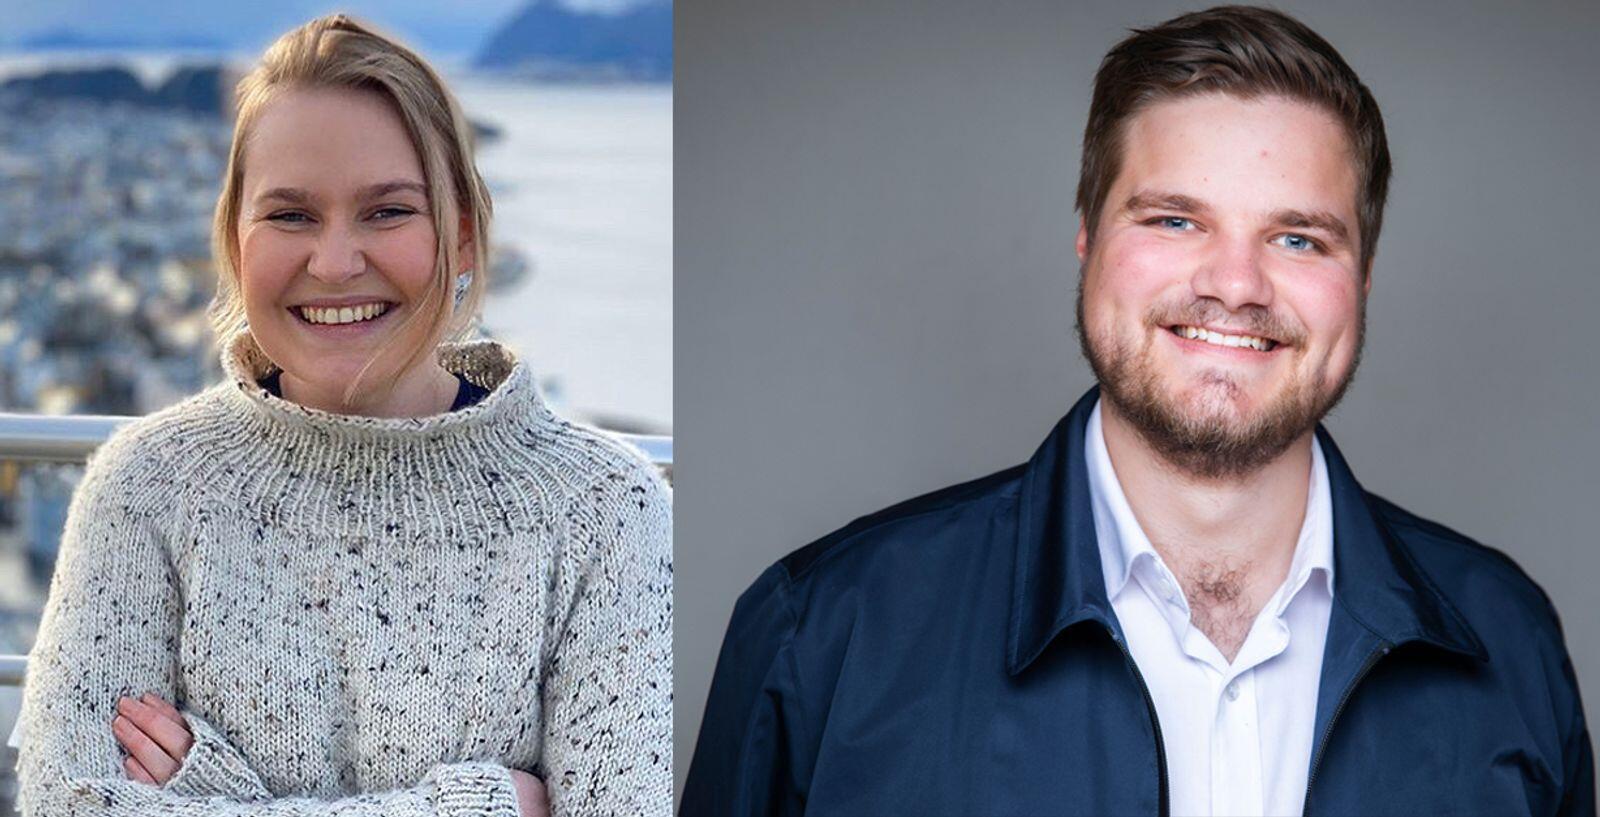 Åse Kristin Ask Bakke (25) fra Møre og Romsdal Ap og Tobias Drevland Lund (25) fra Telemark Rødt er de to yngste av de nyvalgte stortingsrepresentantene. Fotokollasje: Privat/Ihne Pedersen